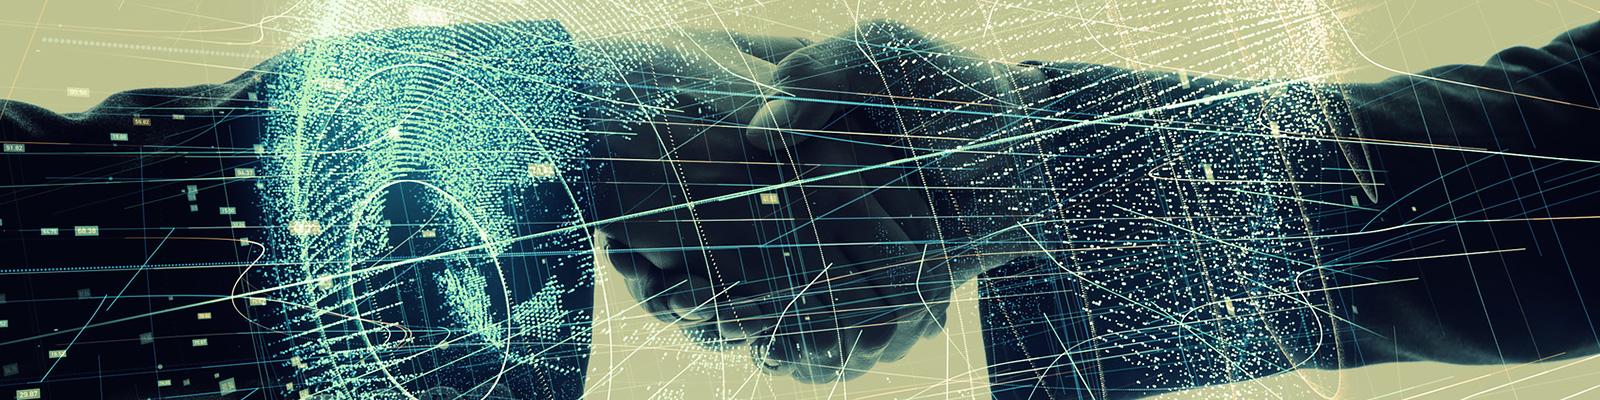 ビジネス テクノロジー イメージ